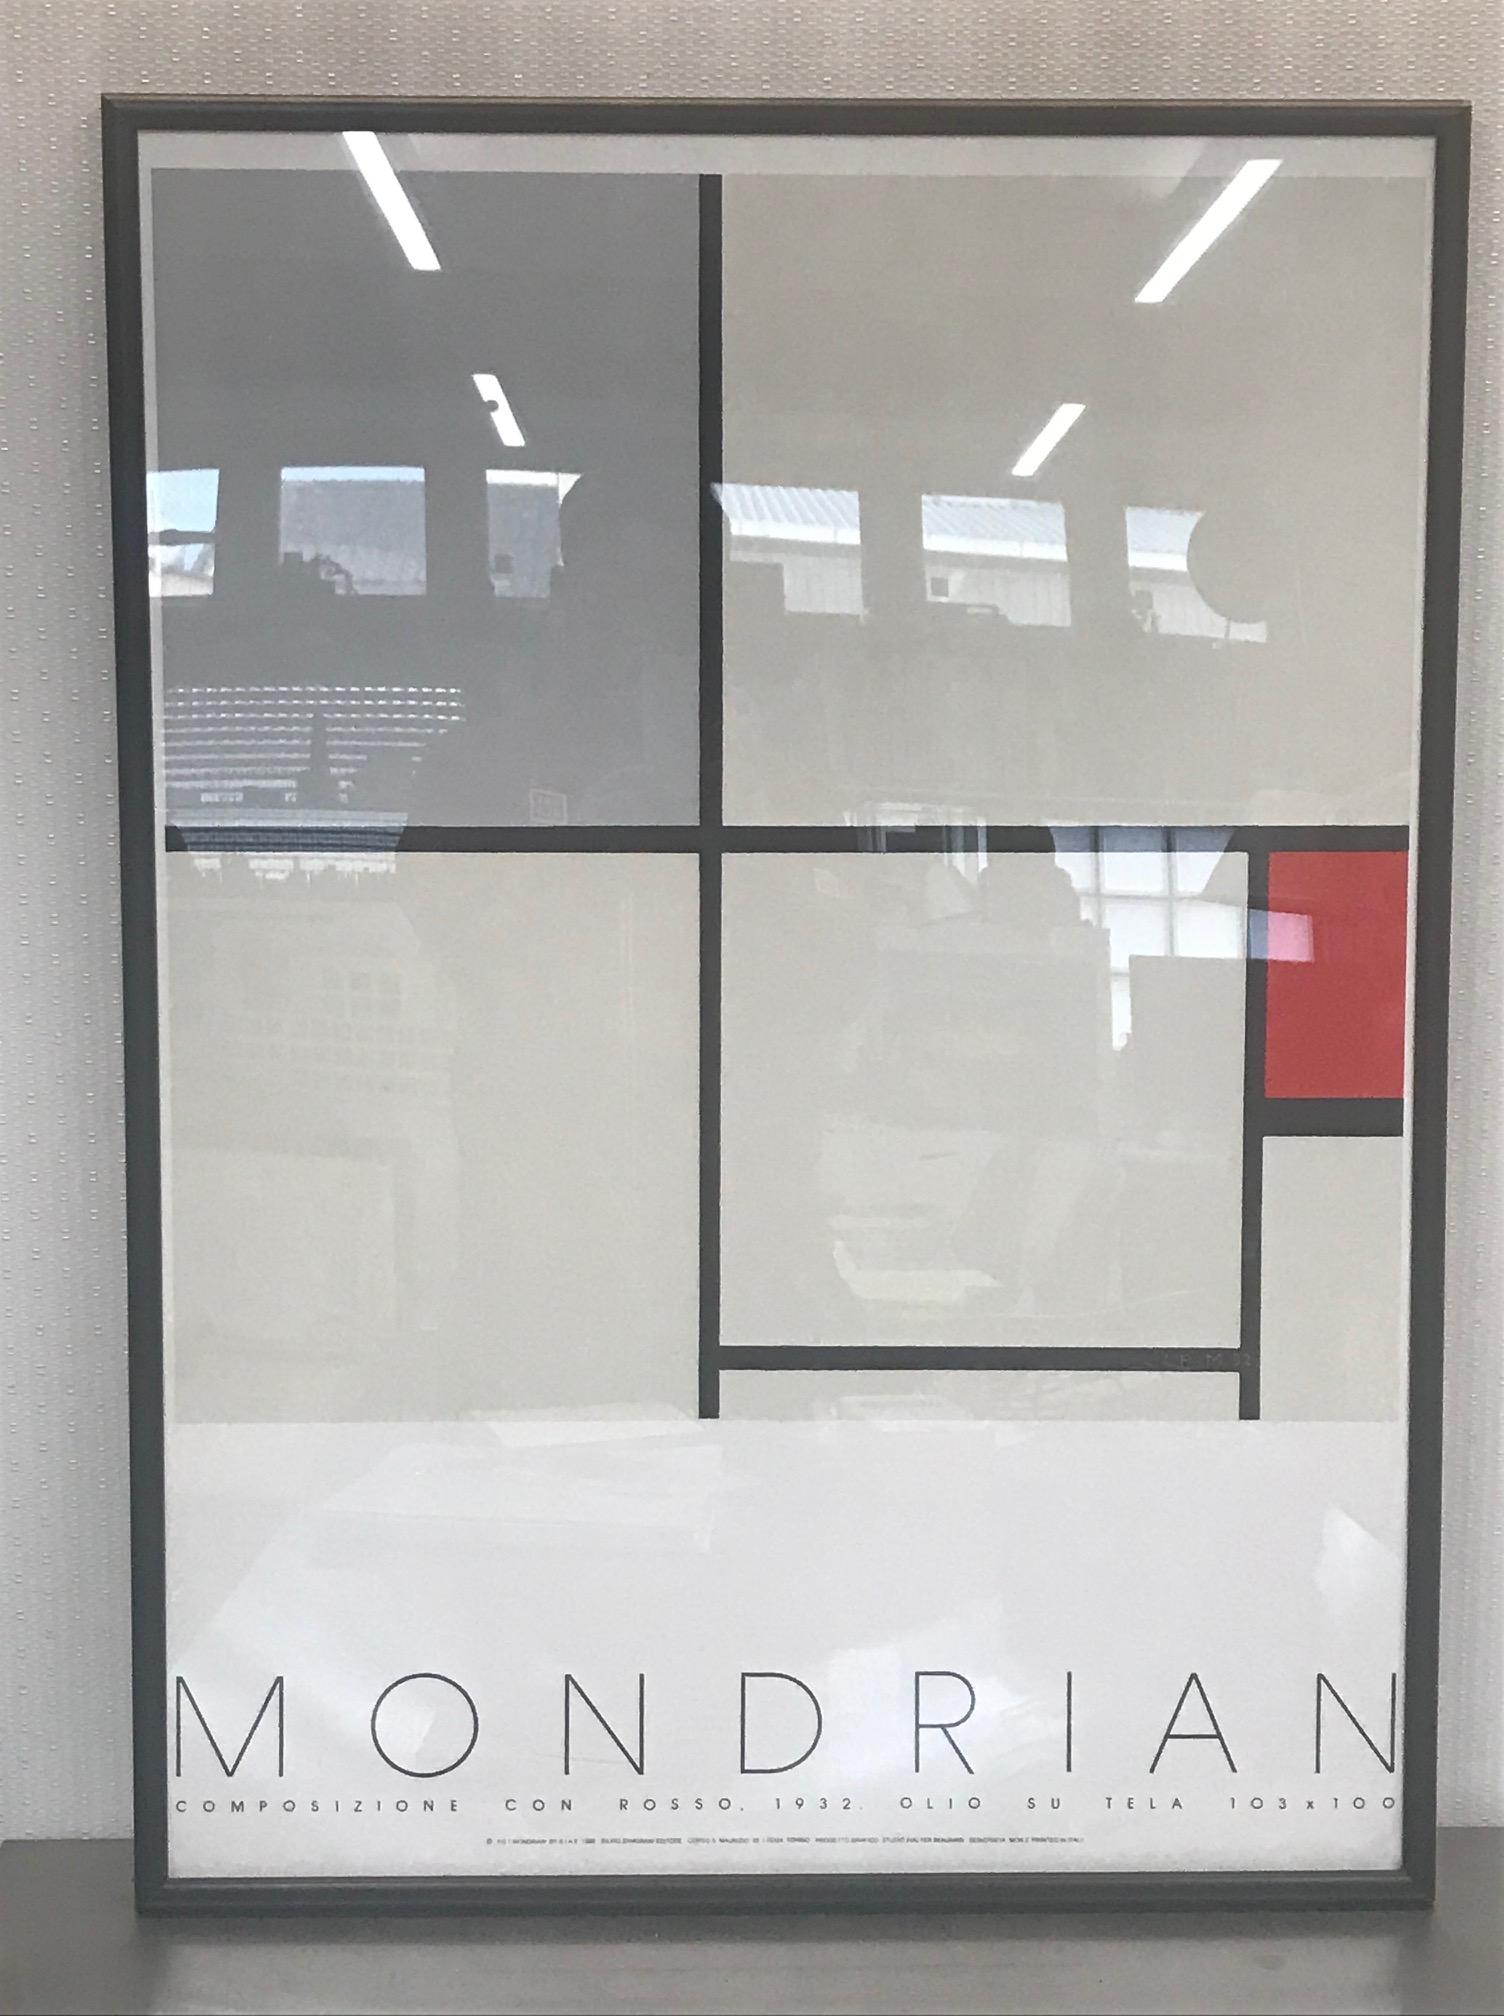 210301 ピート・モンドリアン 「赤と灰のコンポジション」